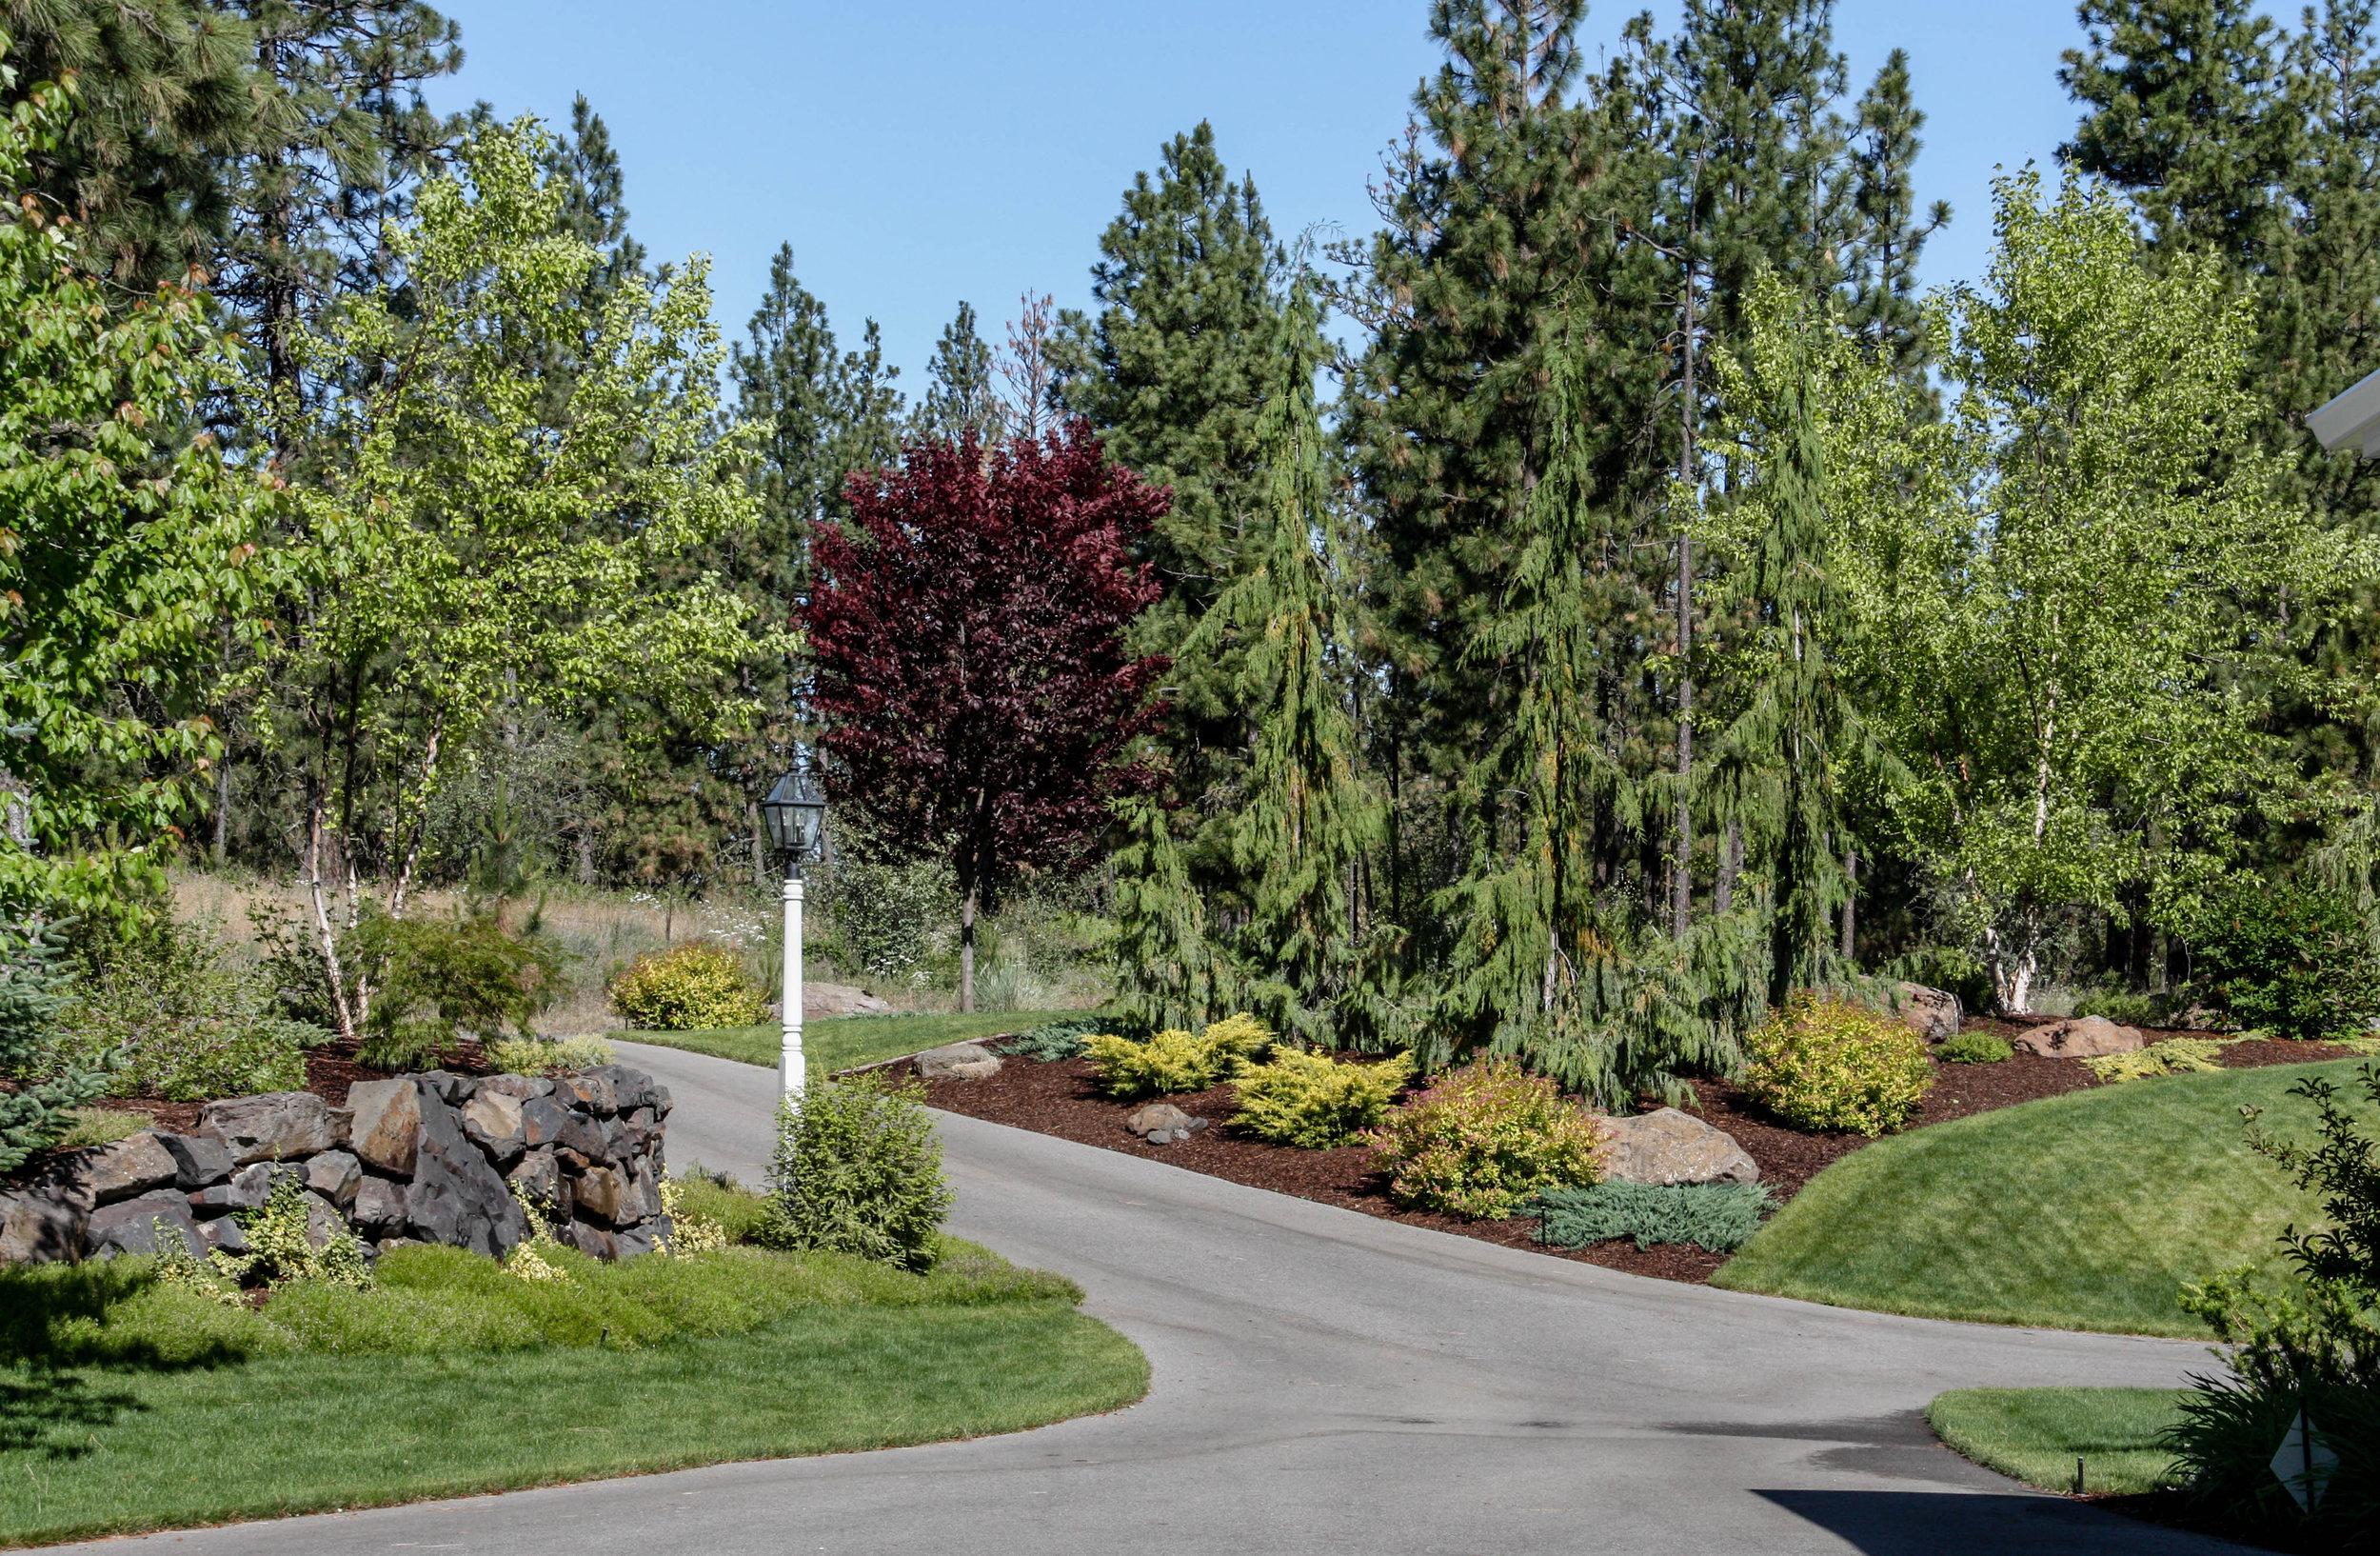 northwest driveway landscaping spokane ridge at hangman